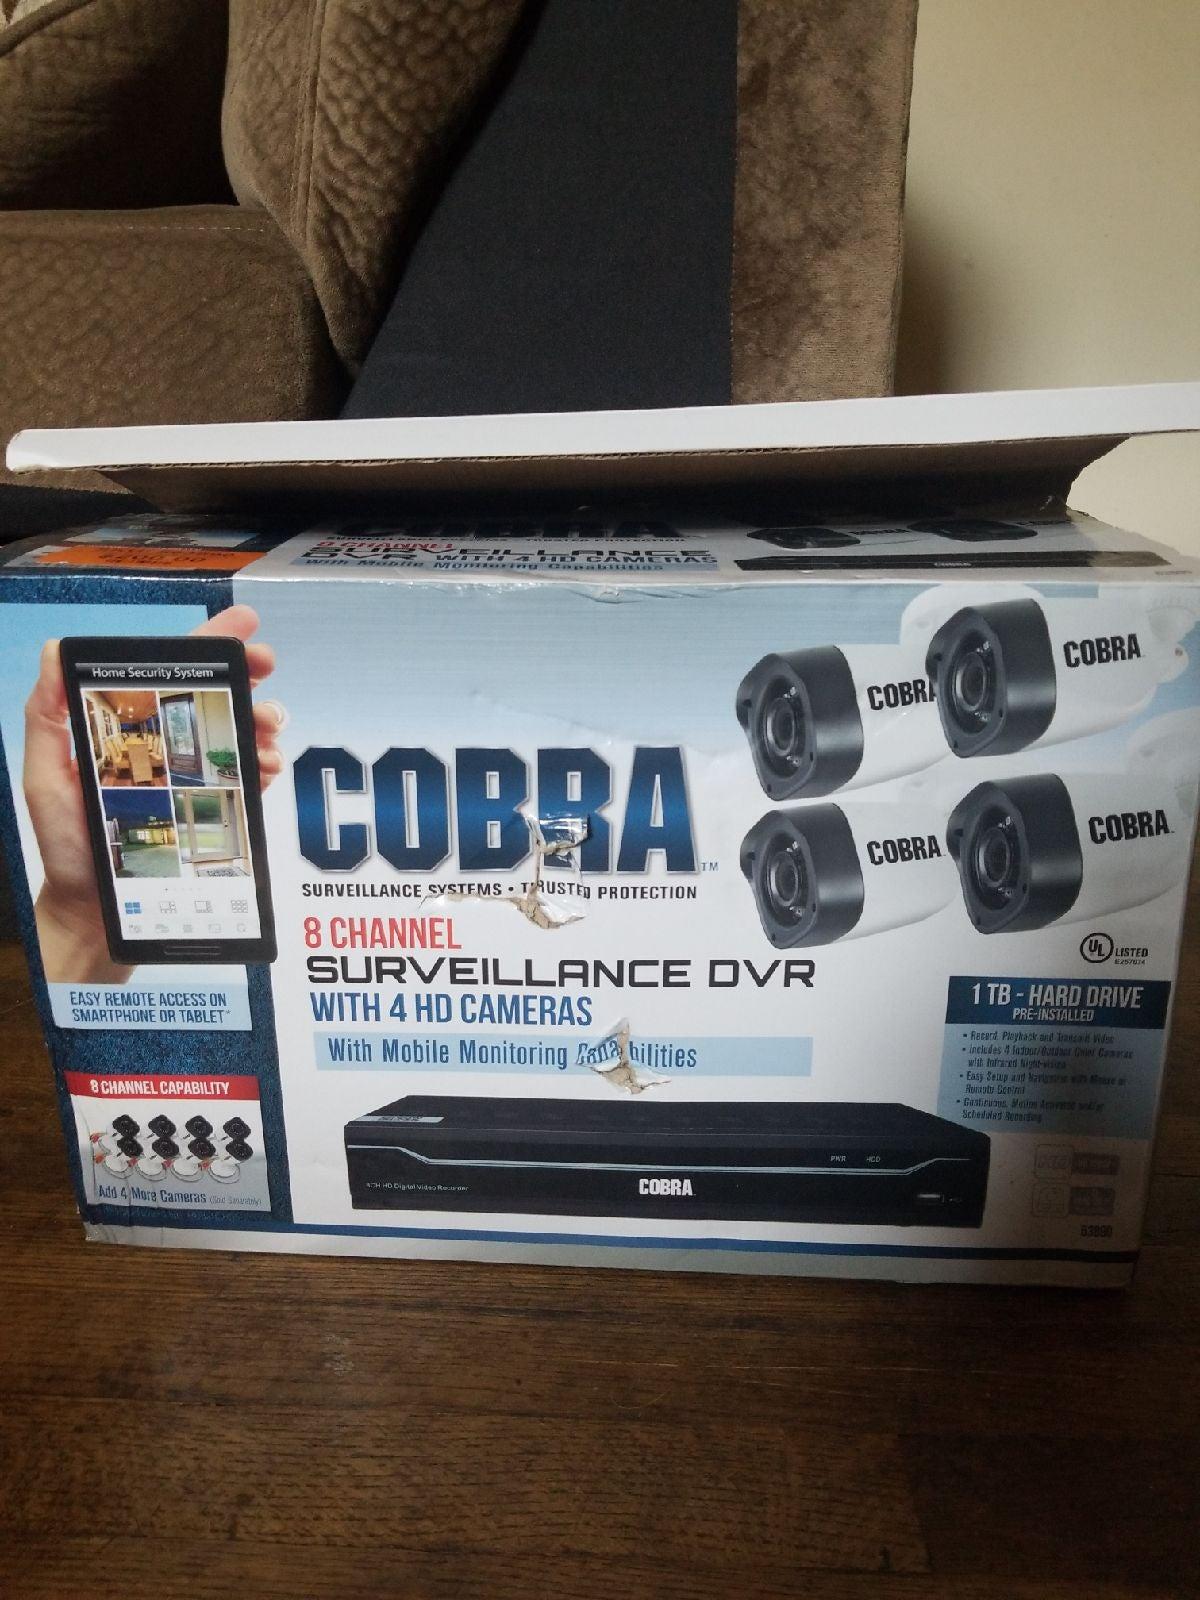 Cobra security camera system